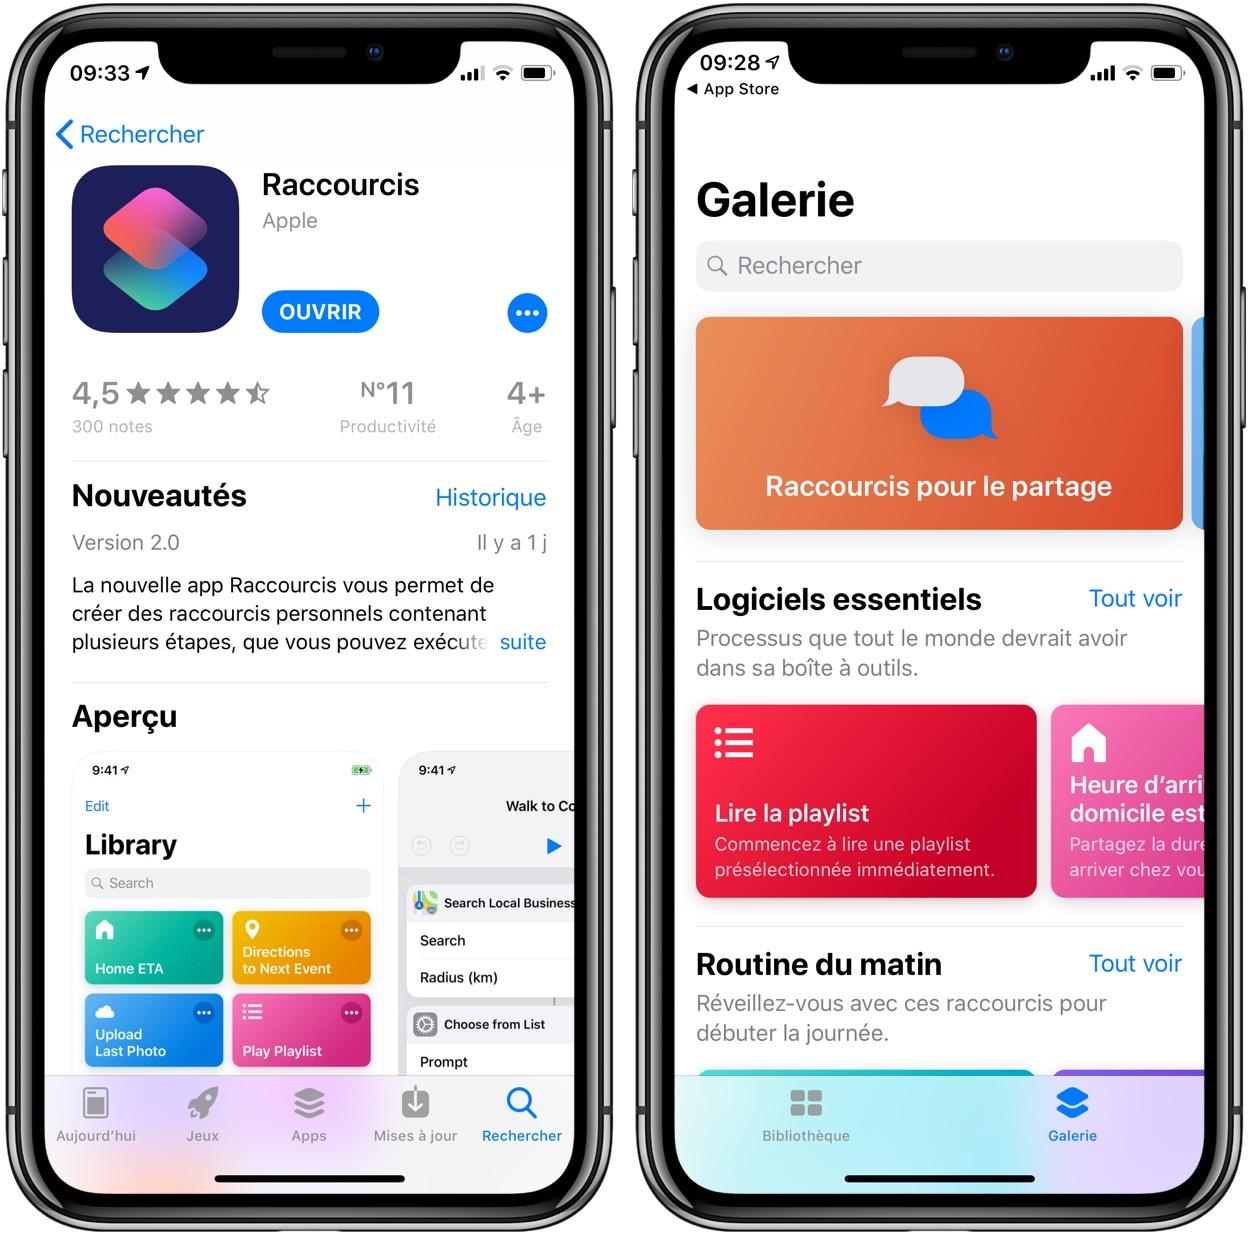 L'appli Raccourcis d'iOS 12 est disponible sur l'app Store : elle importe les workflows 1